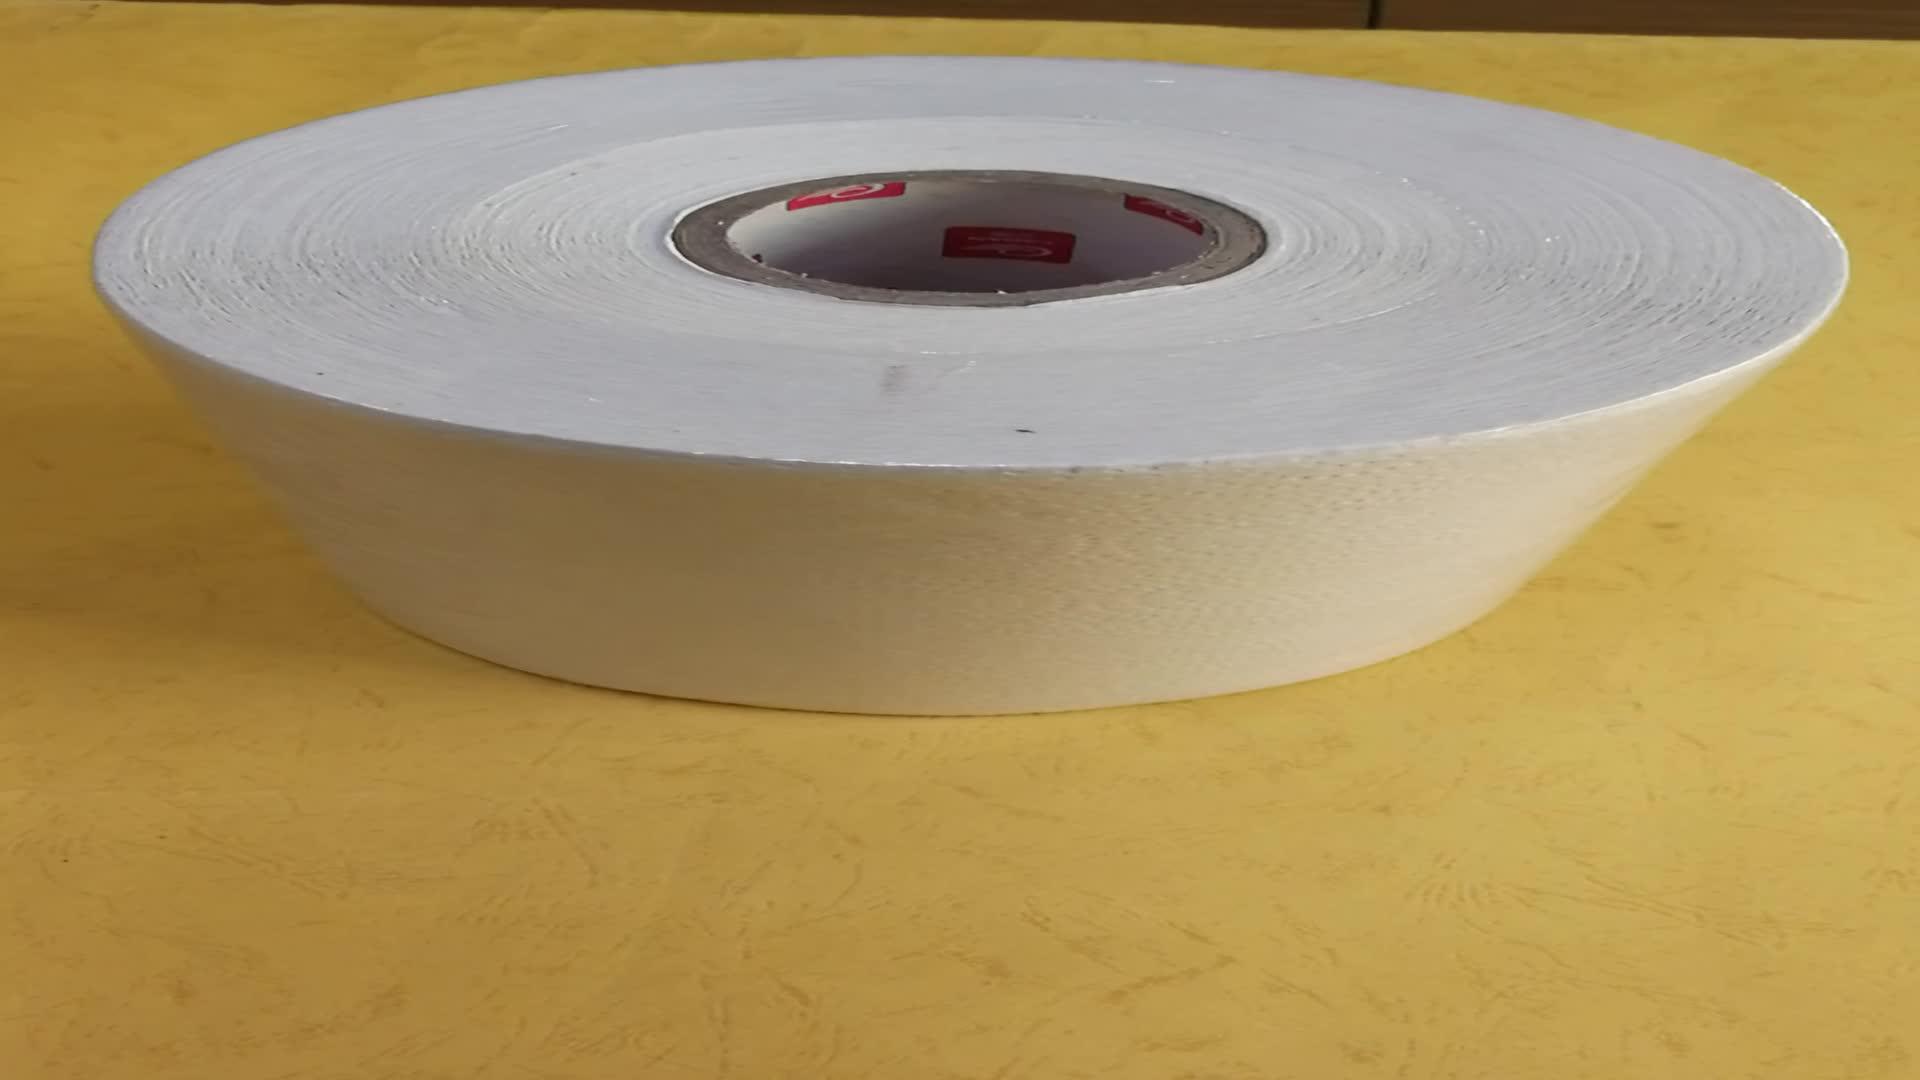 Toalha de papel Multifold Interfold branco do agregado familiar e rolo de toalha de papel